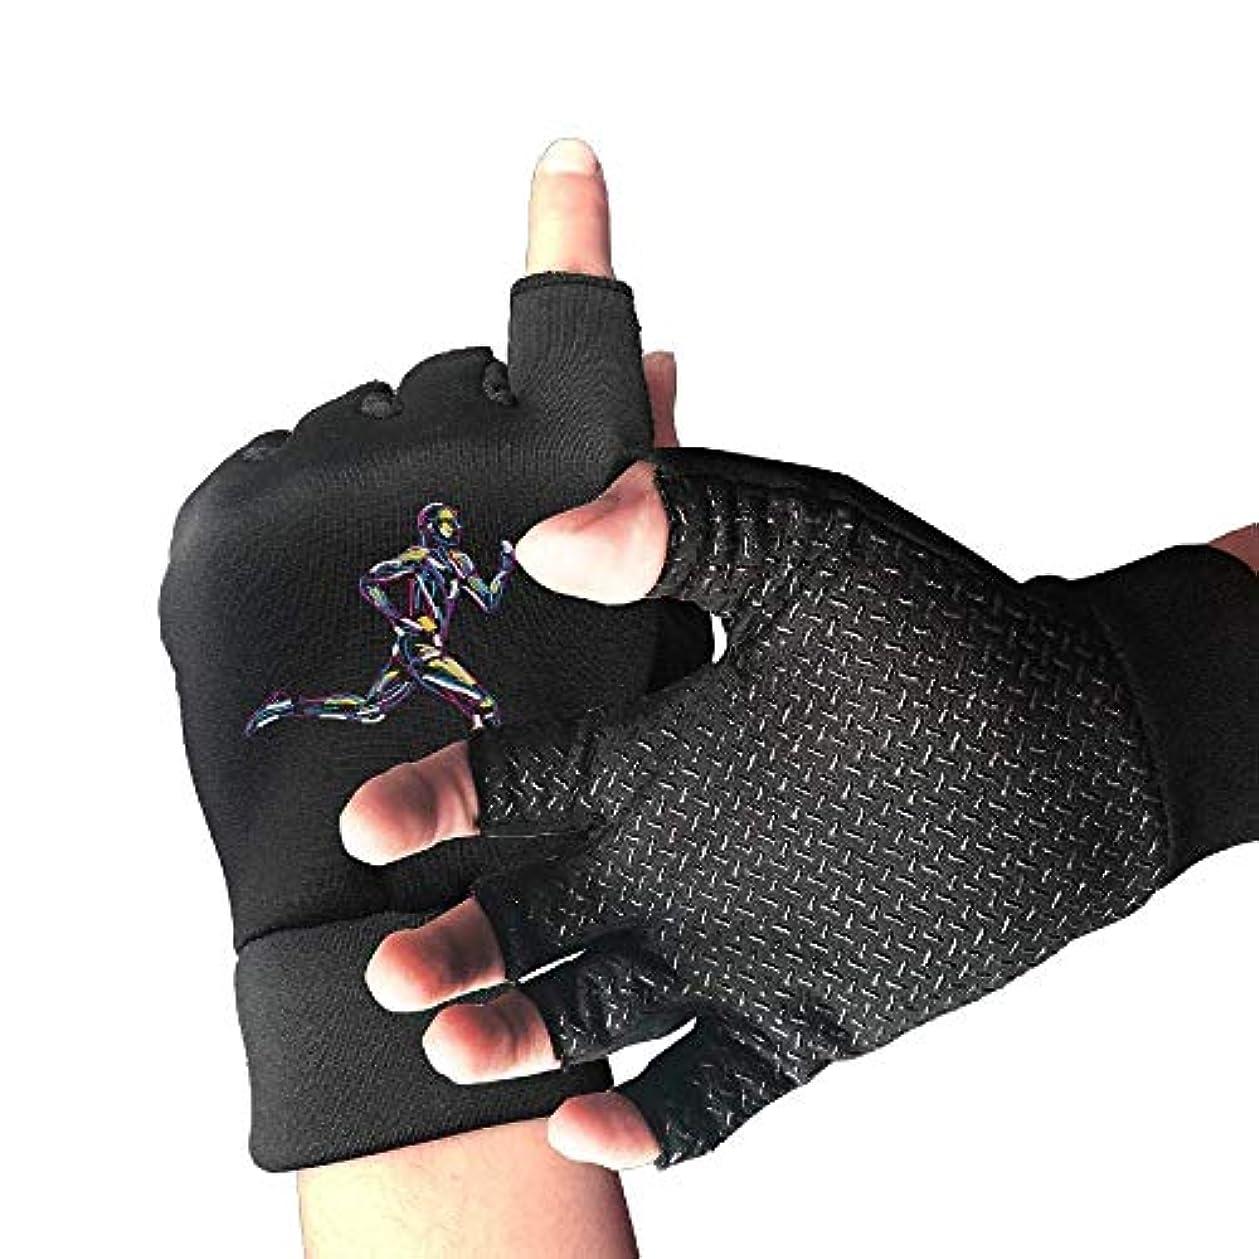 談話有毒なマウンドサイクリング手袋長距離ランメンズ/レディースマウンテンバイク用手袋ハーフフィンガー滑り止めオートバイ用手袋